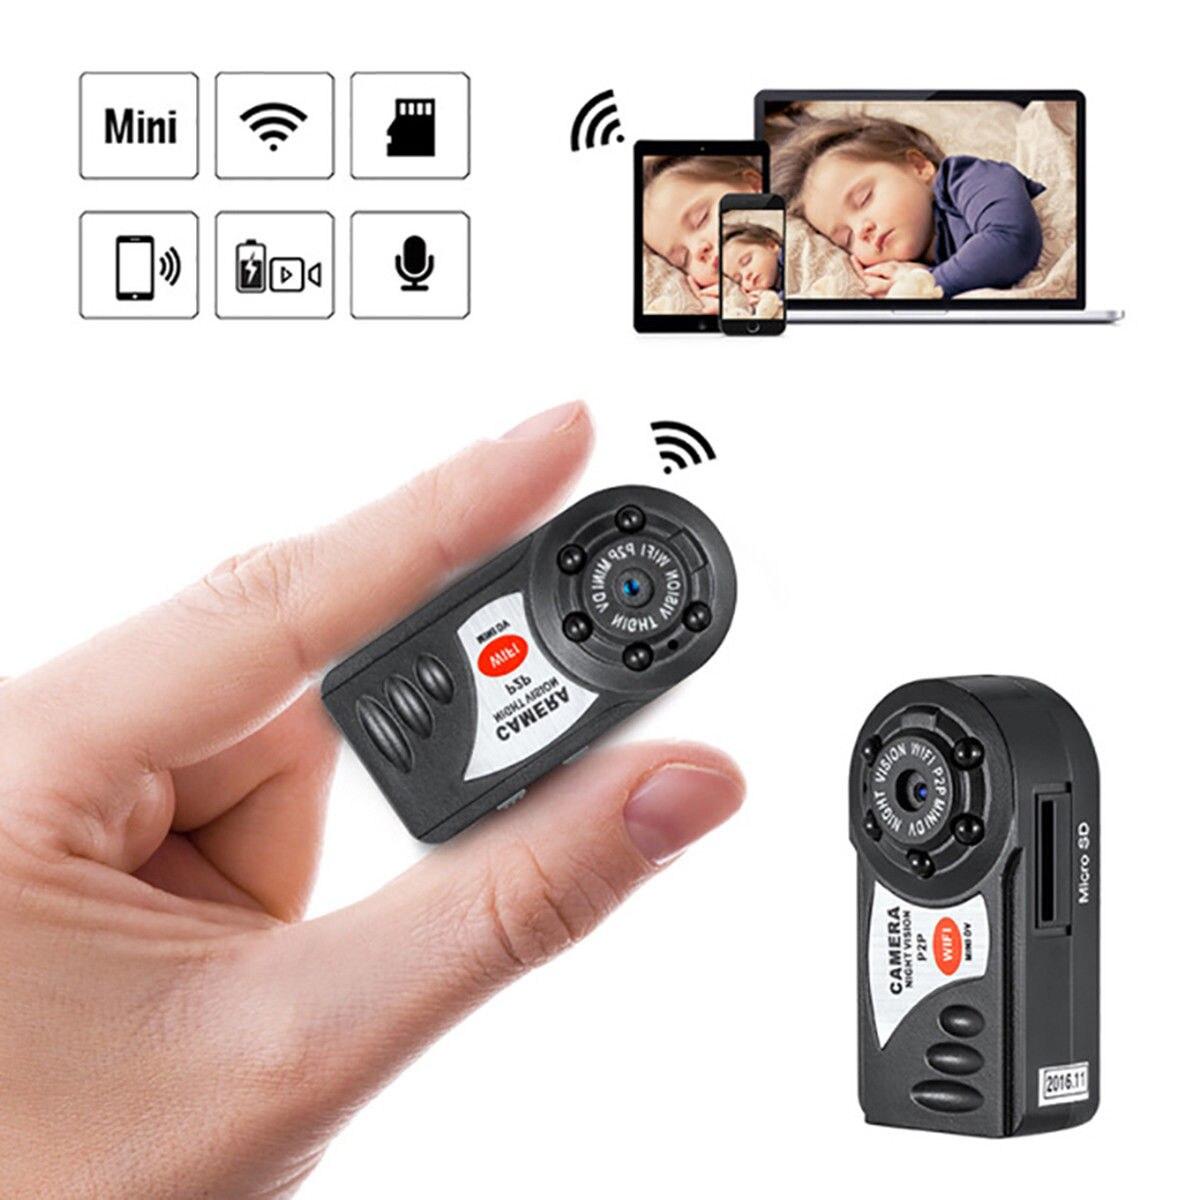 Mini WIFI P2P Wireless Micro Camera Q7 DV Car DVR Video Recorder CamcorderMini WIFI P2P Wireless Micro Camera Q7 DV Car DVR Video Recorder Camcorder